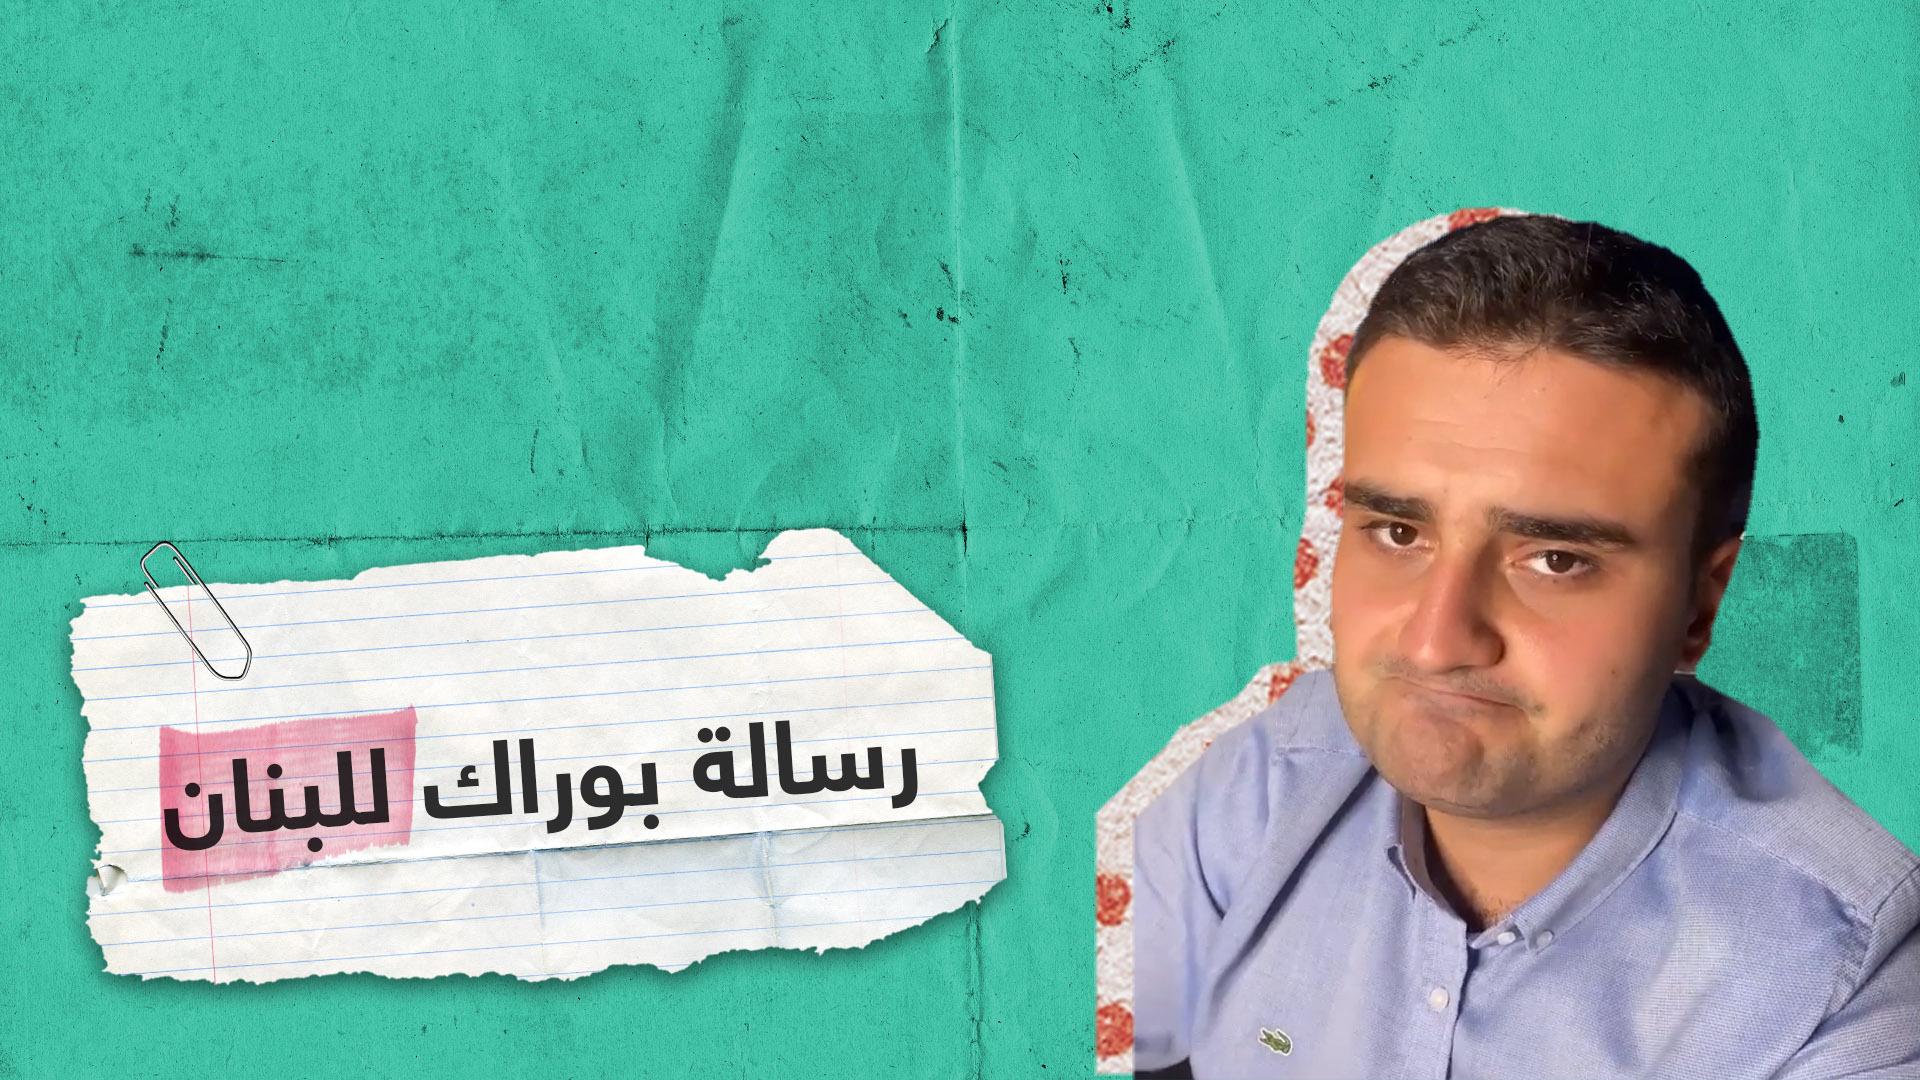 الشيف بوراك يوجه رسالة تضامن مع لبنان